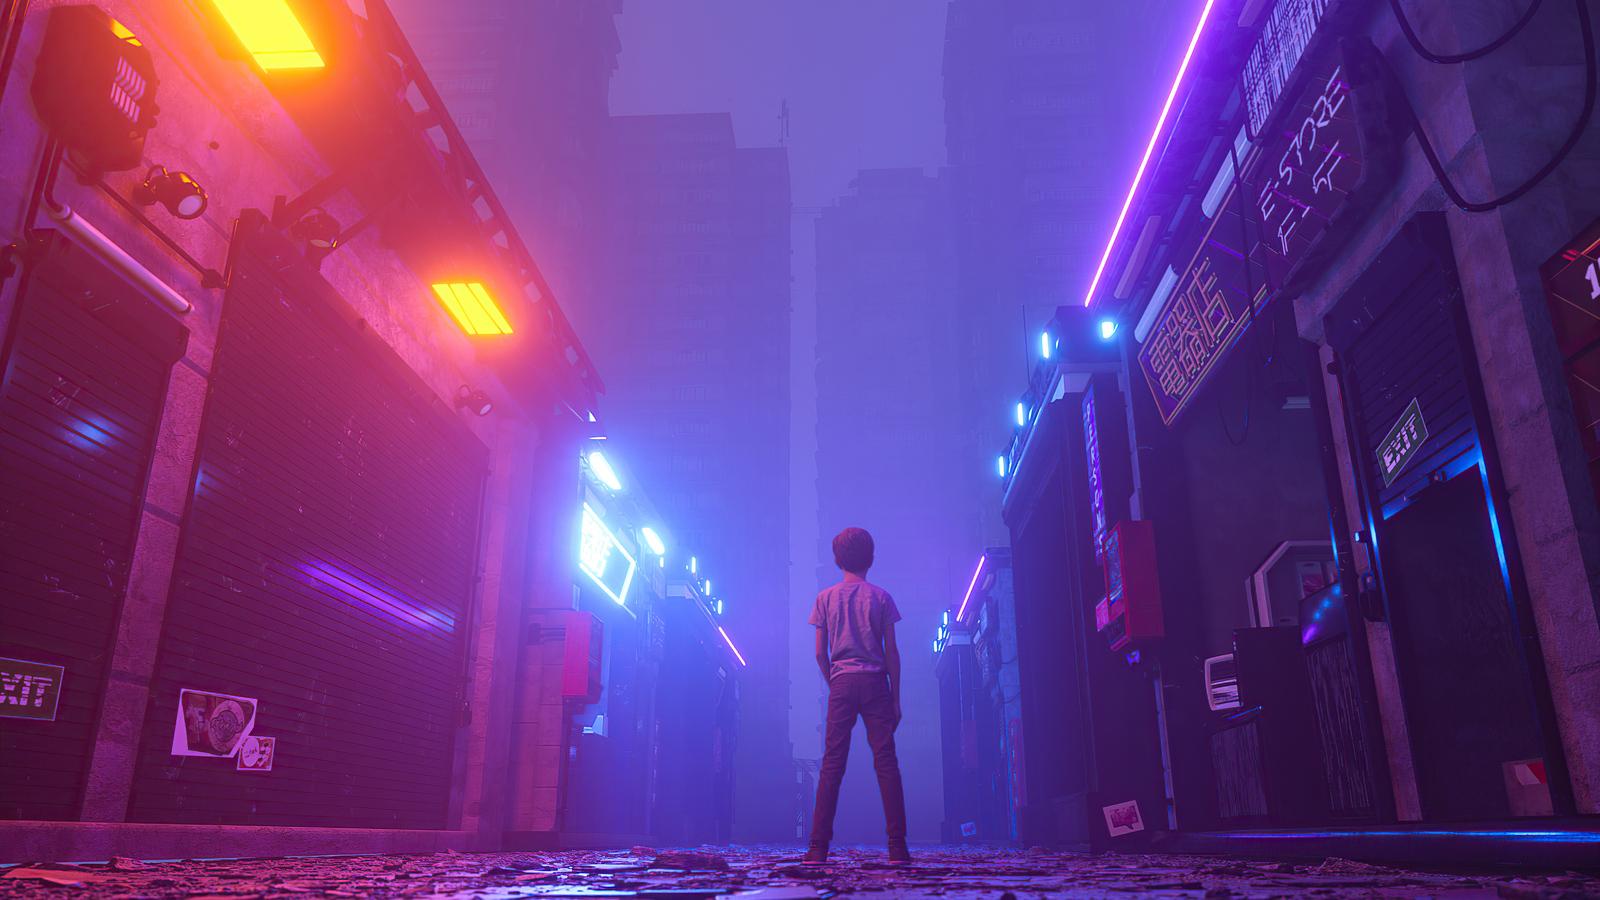 neon-market-closed-little-boy-standing-4k-jm.jpg